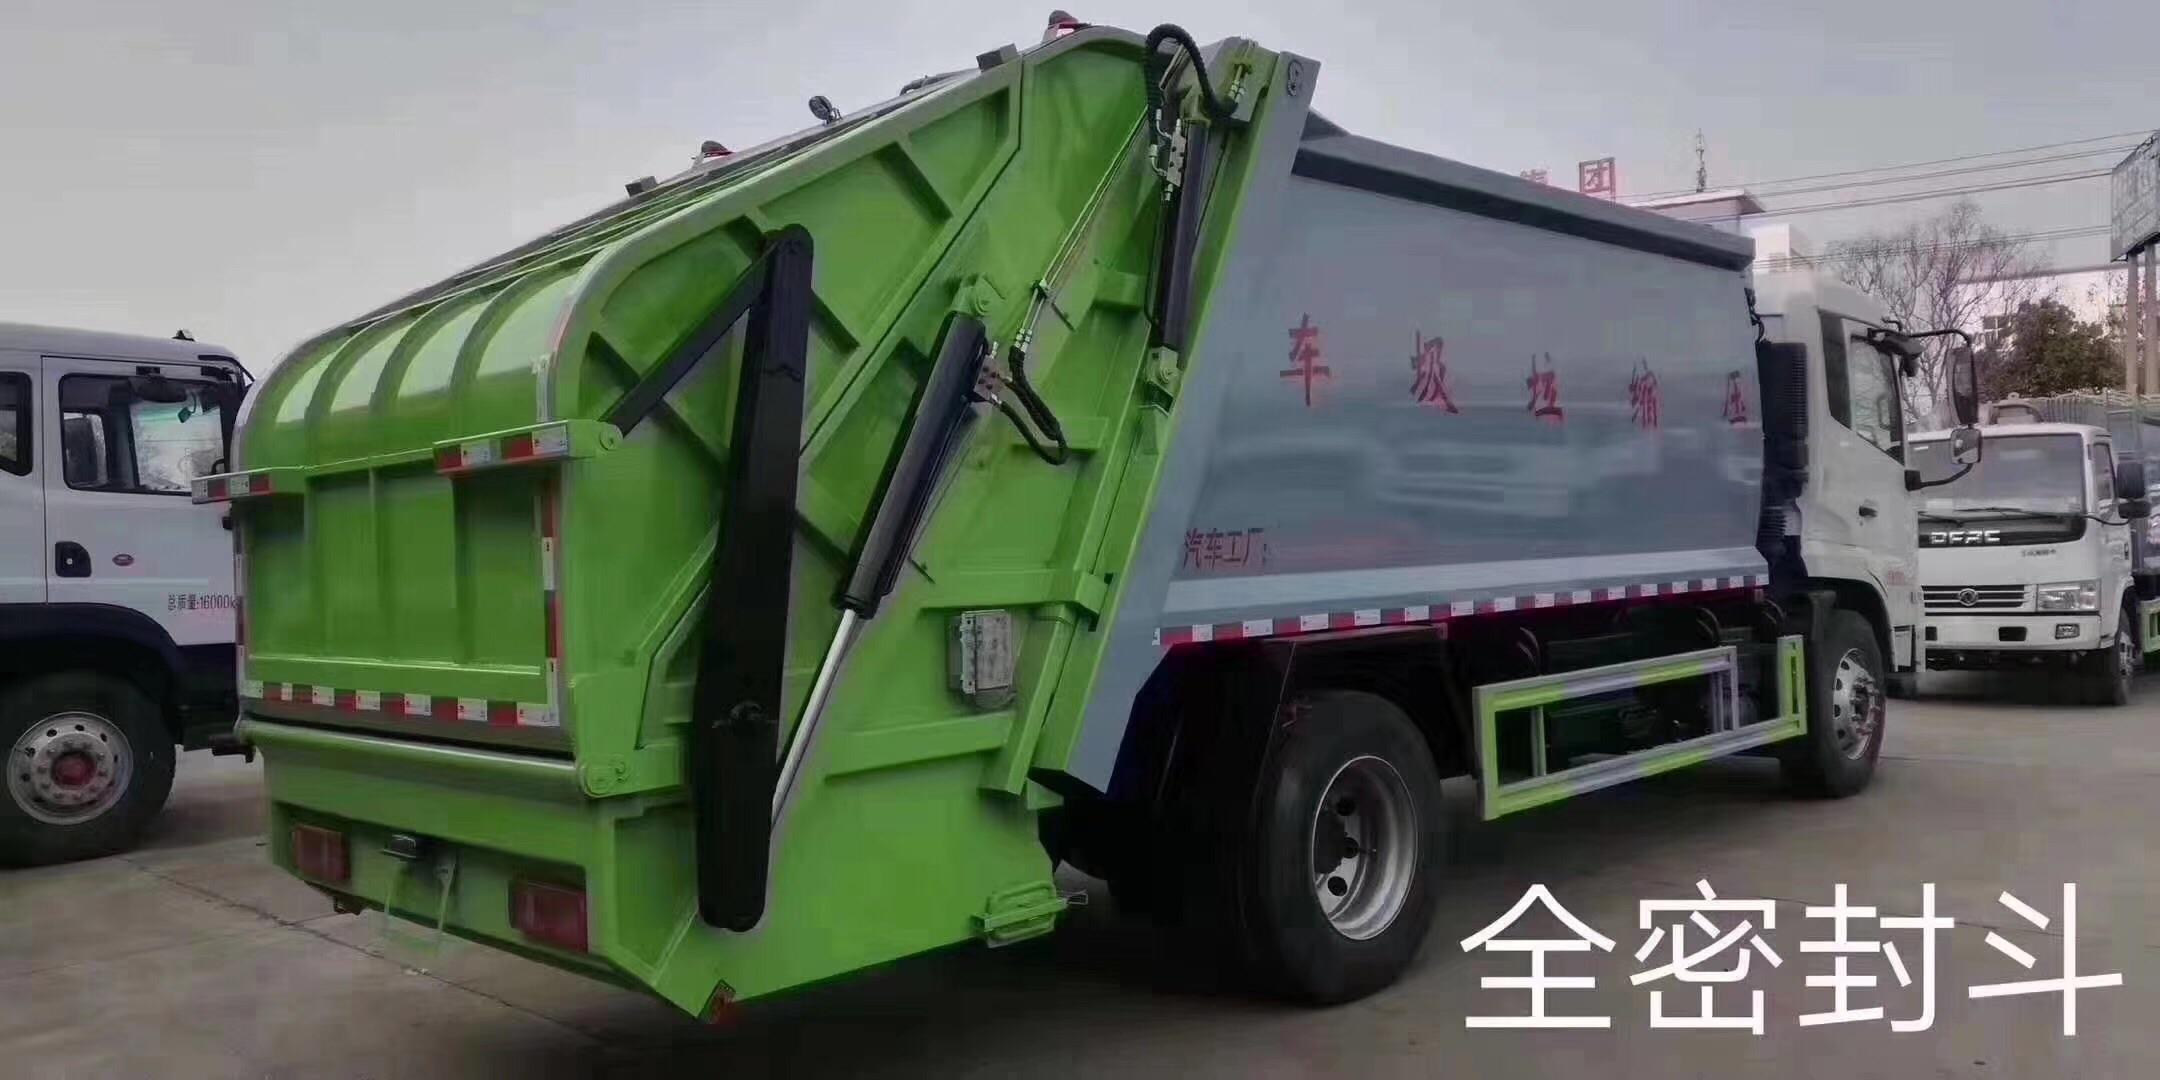 压缩垃圾车生产厂家湖北随州图片